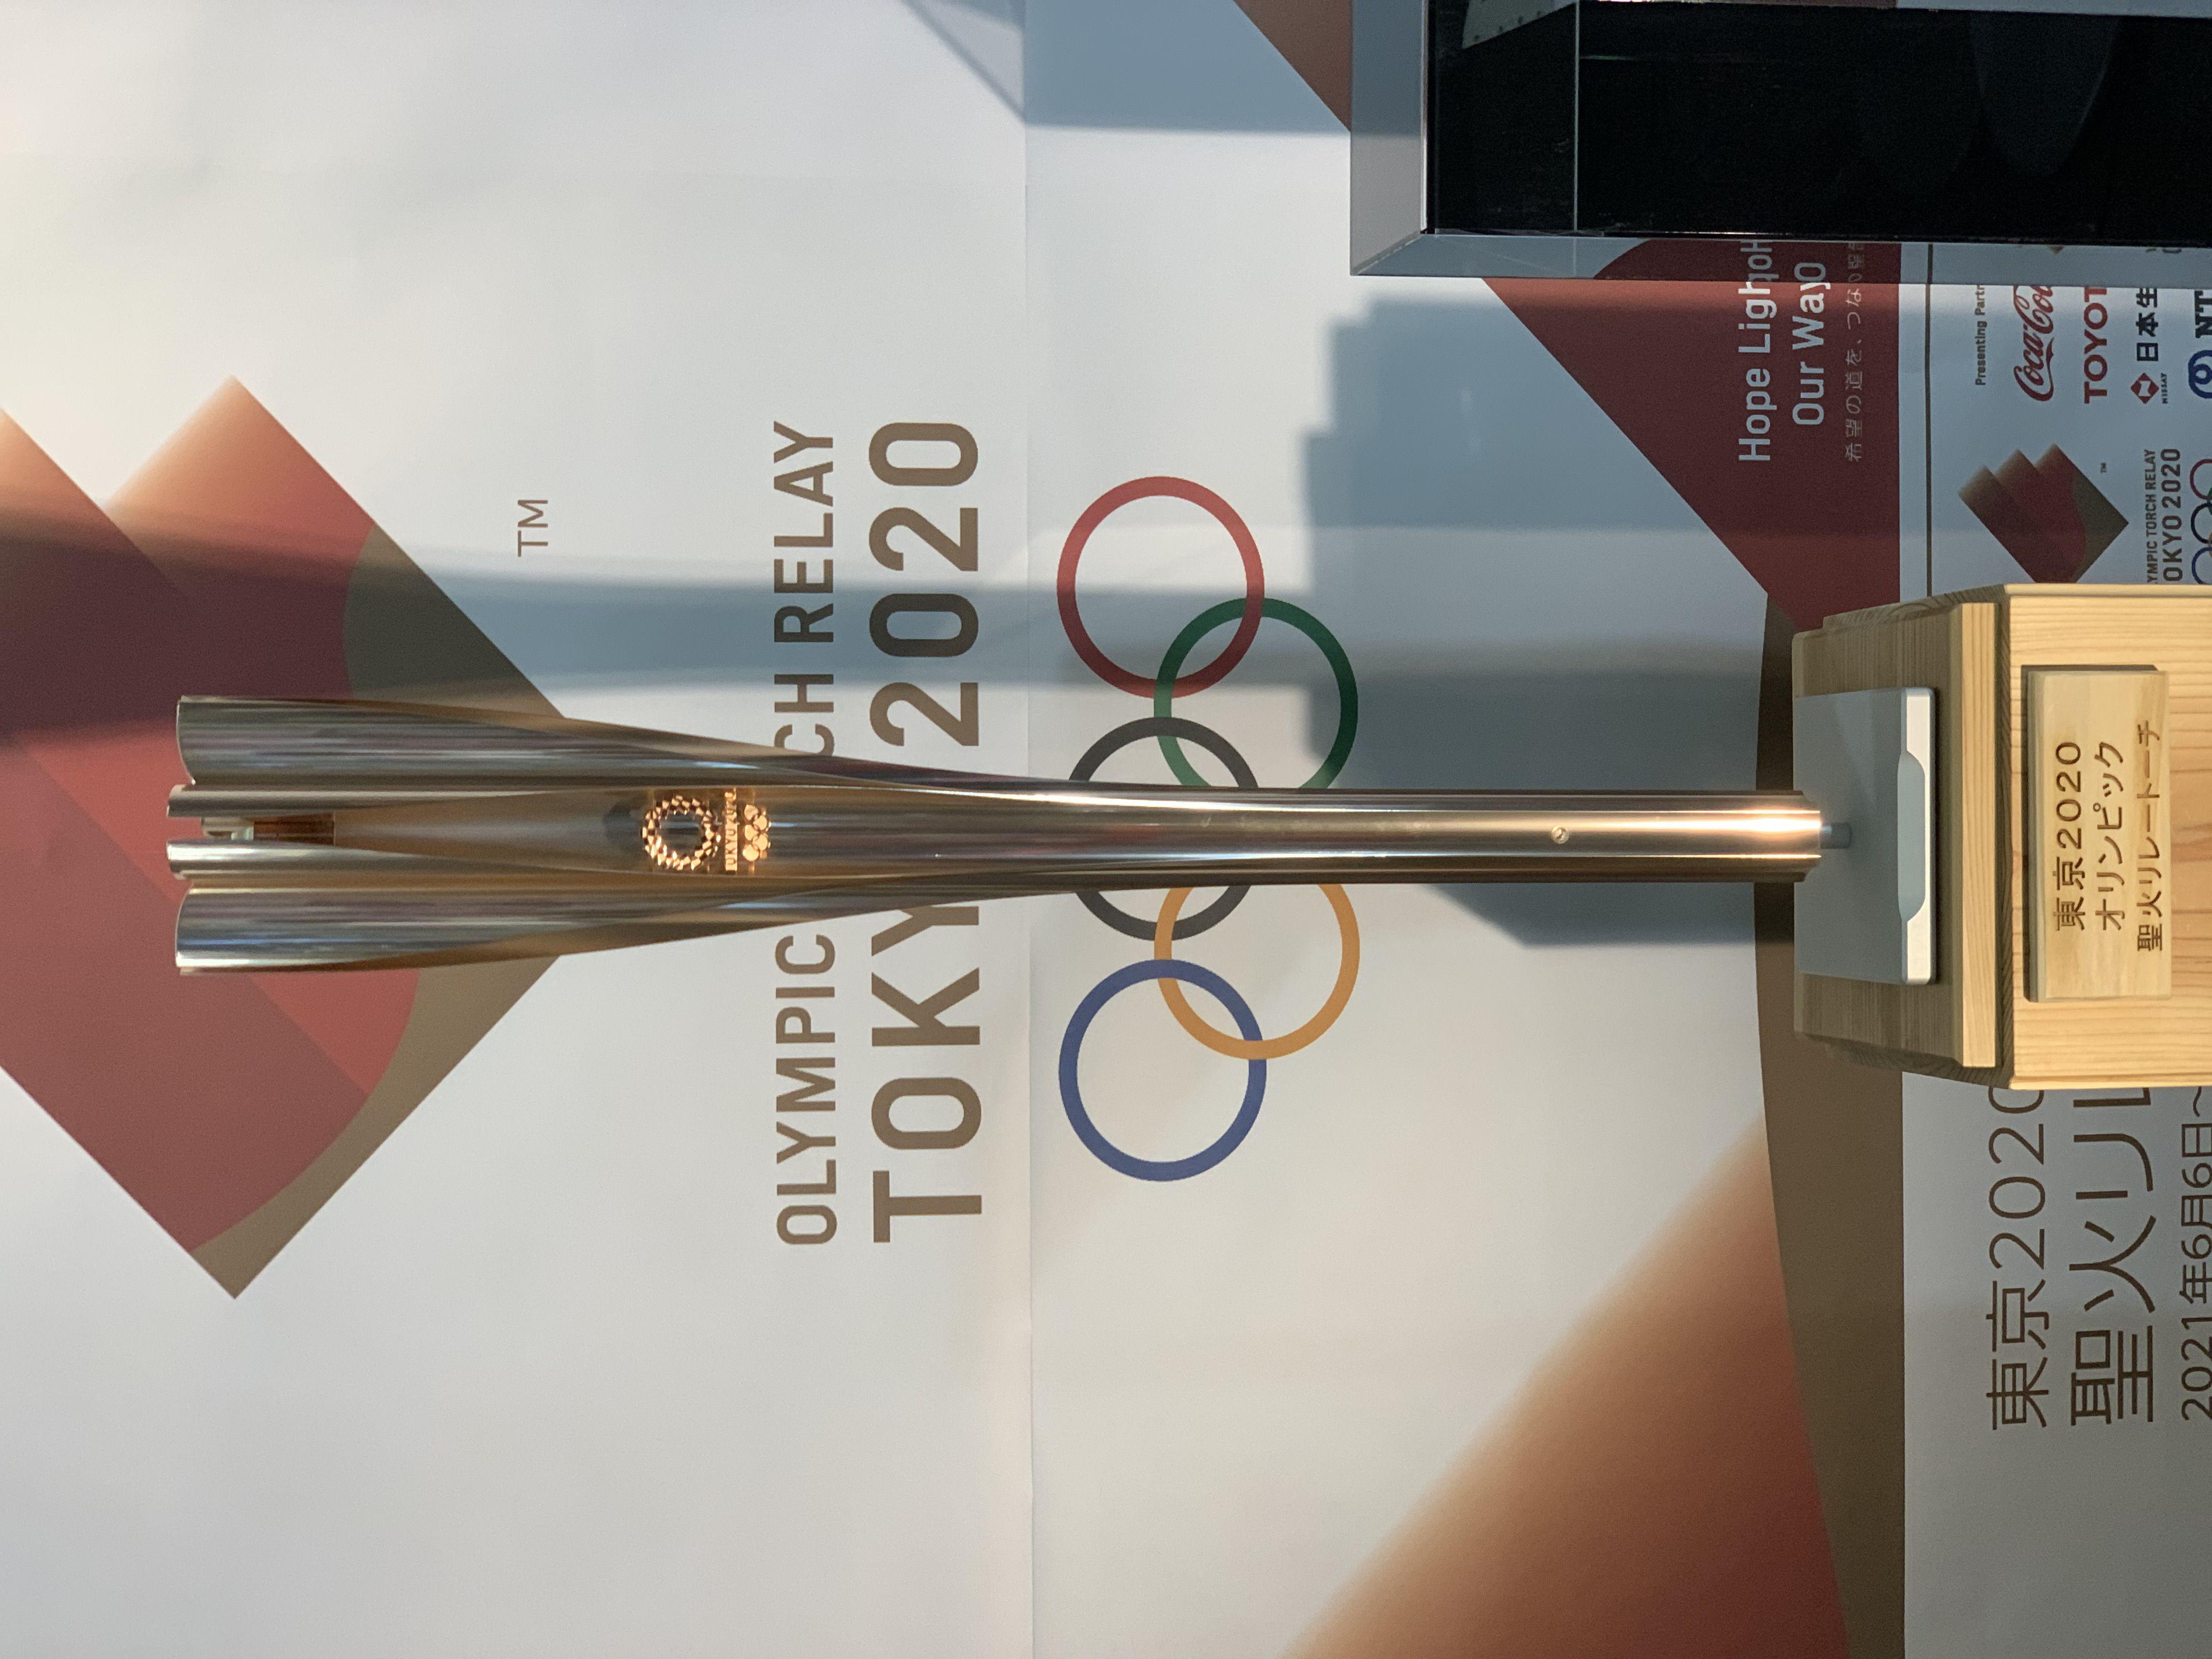 東京2020オリンピック・パラリンピック聖火リレートーチが展示されます:画像